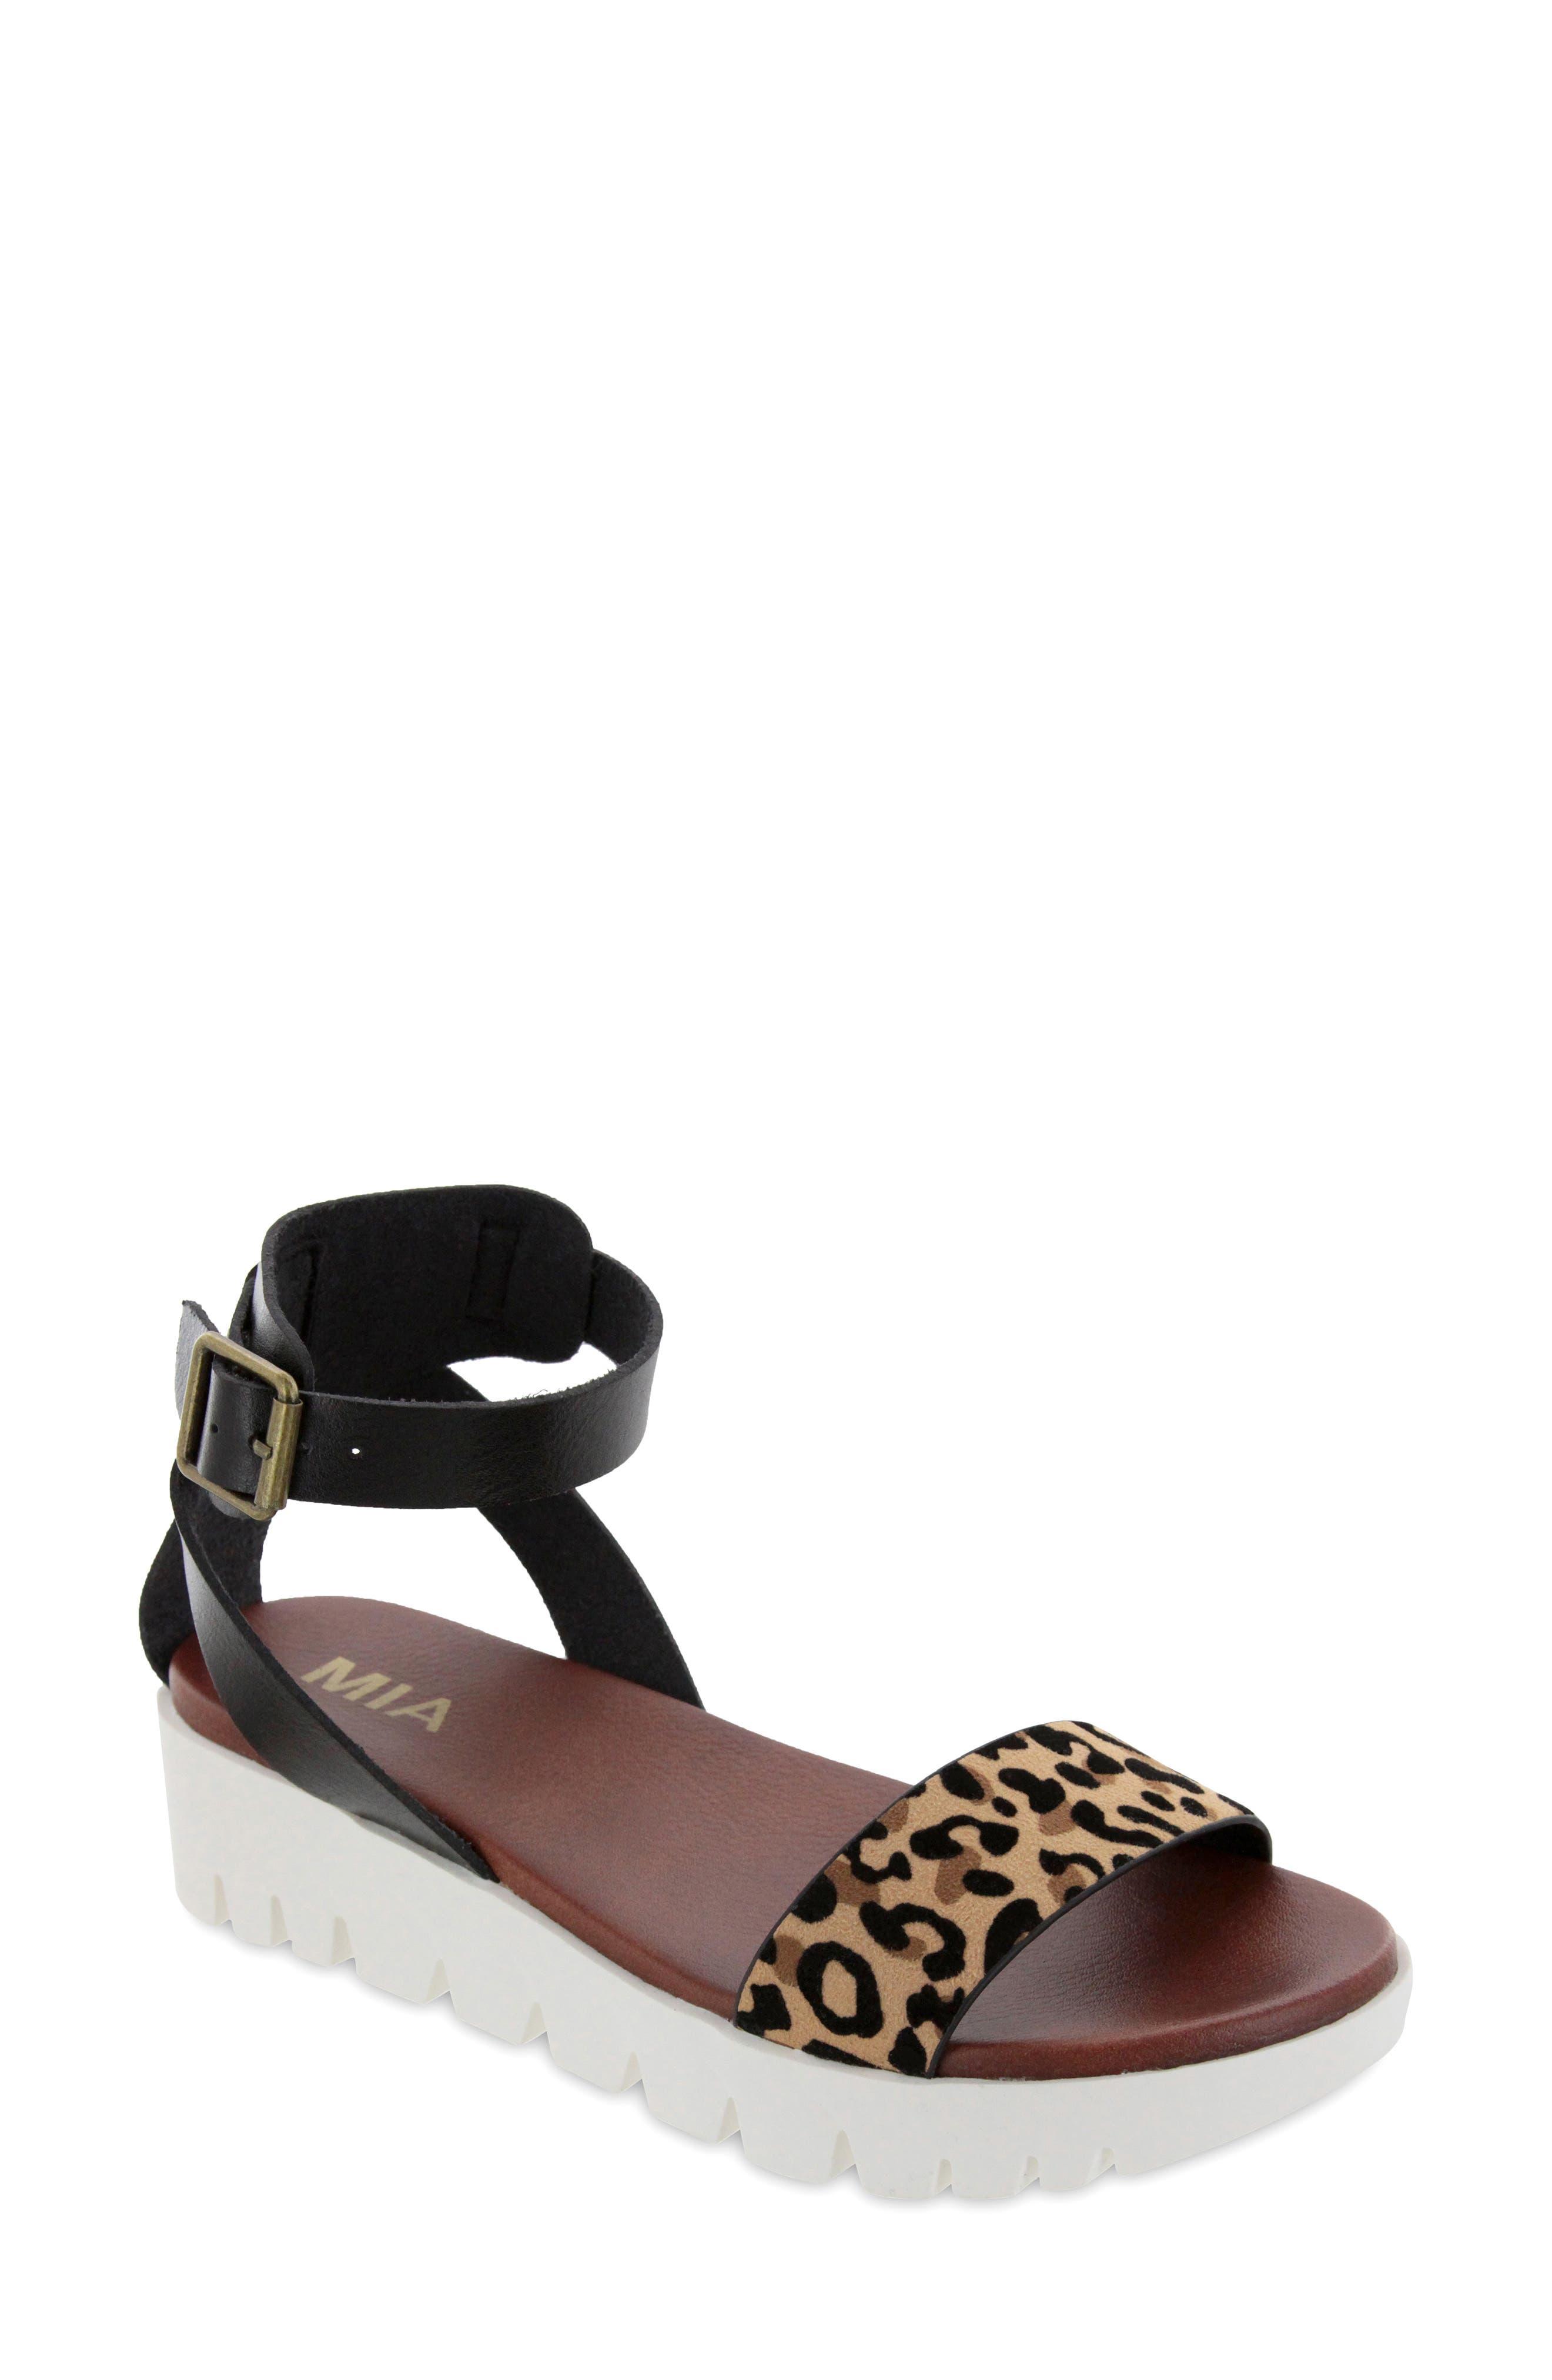 Rina Platform Sandal